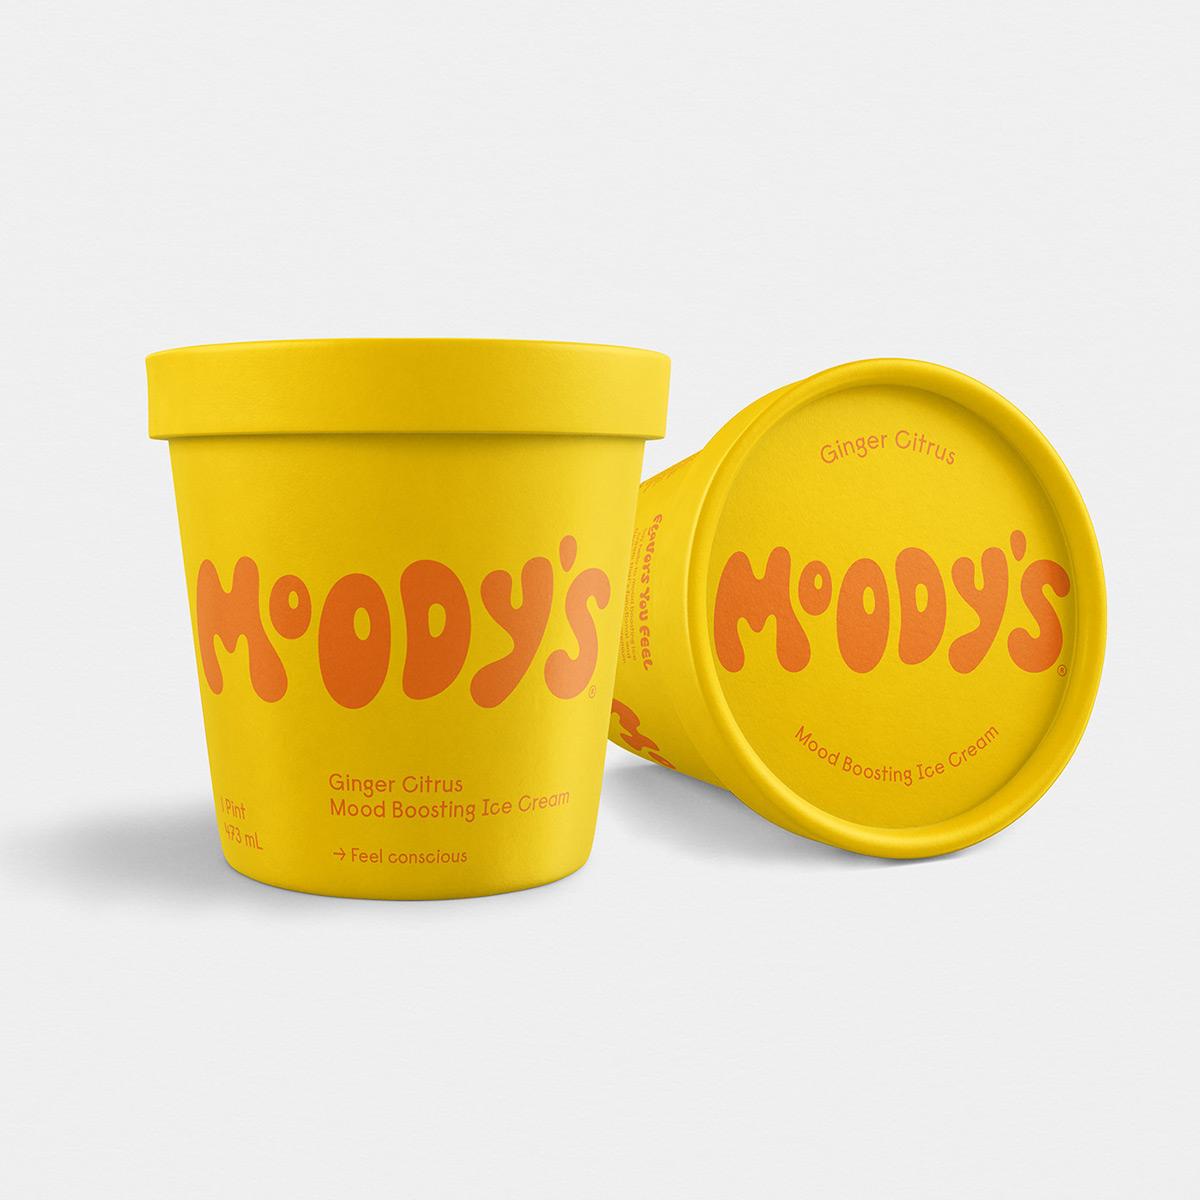 开心的色彩!冰淇淋包装设计